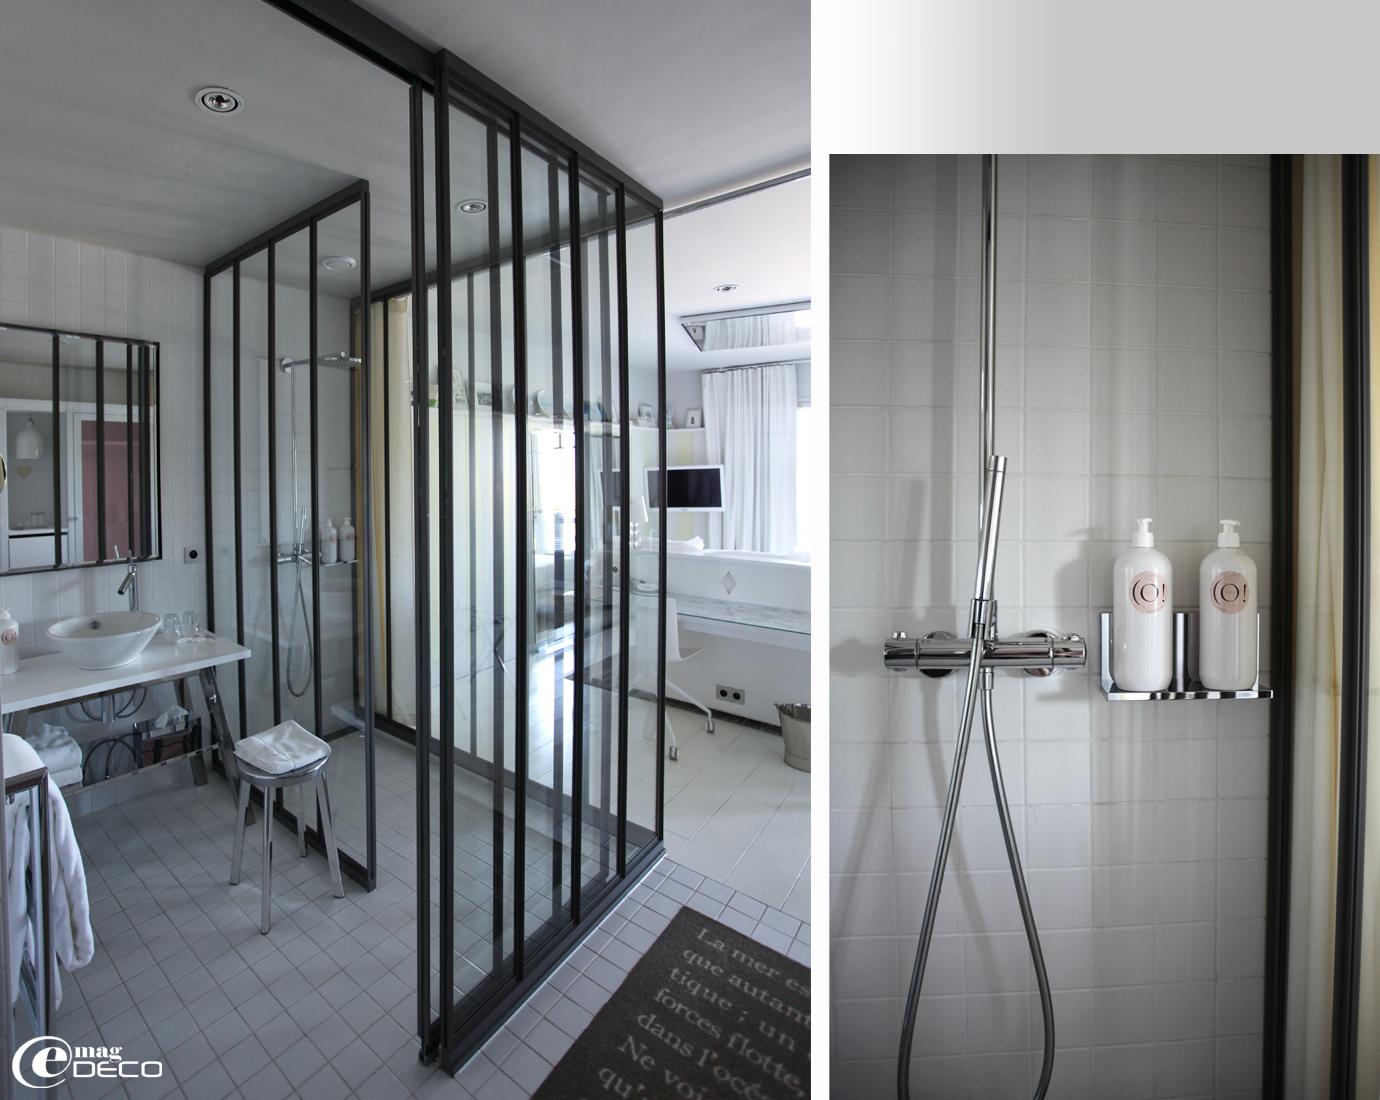 Salle d'eau entièrement vitrées La Co(o)rniche, imaginée par Philippe Starck